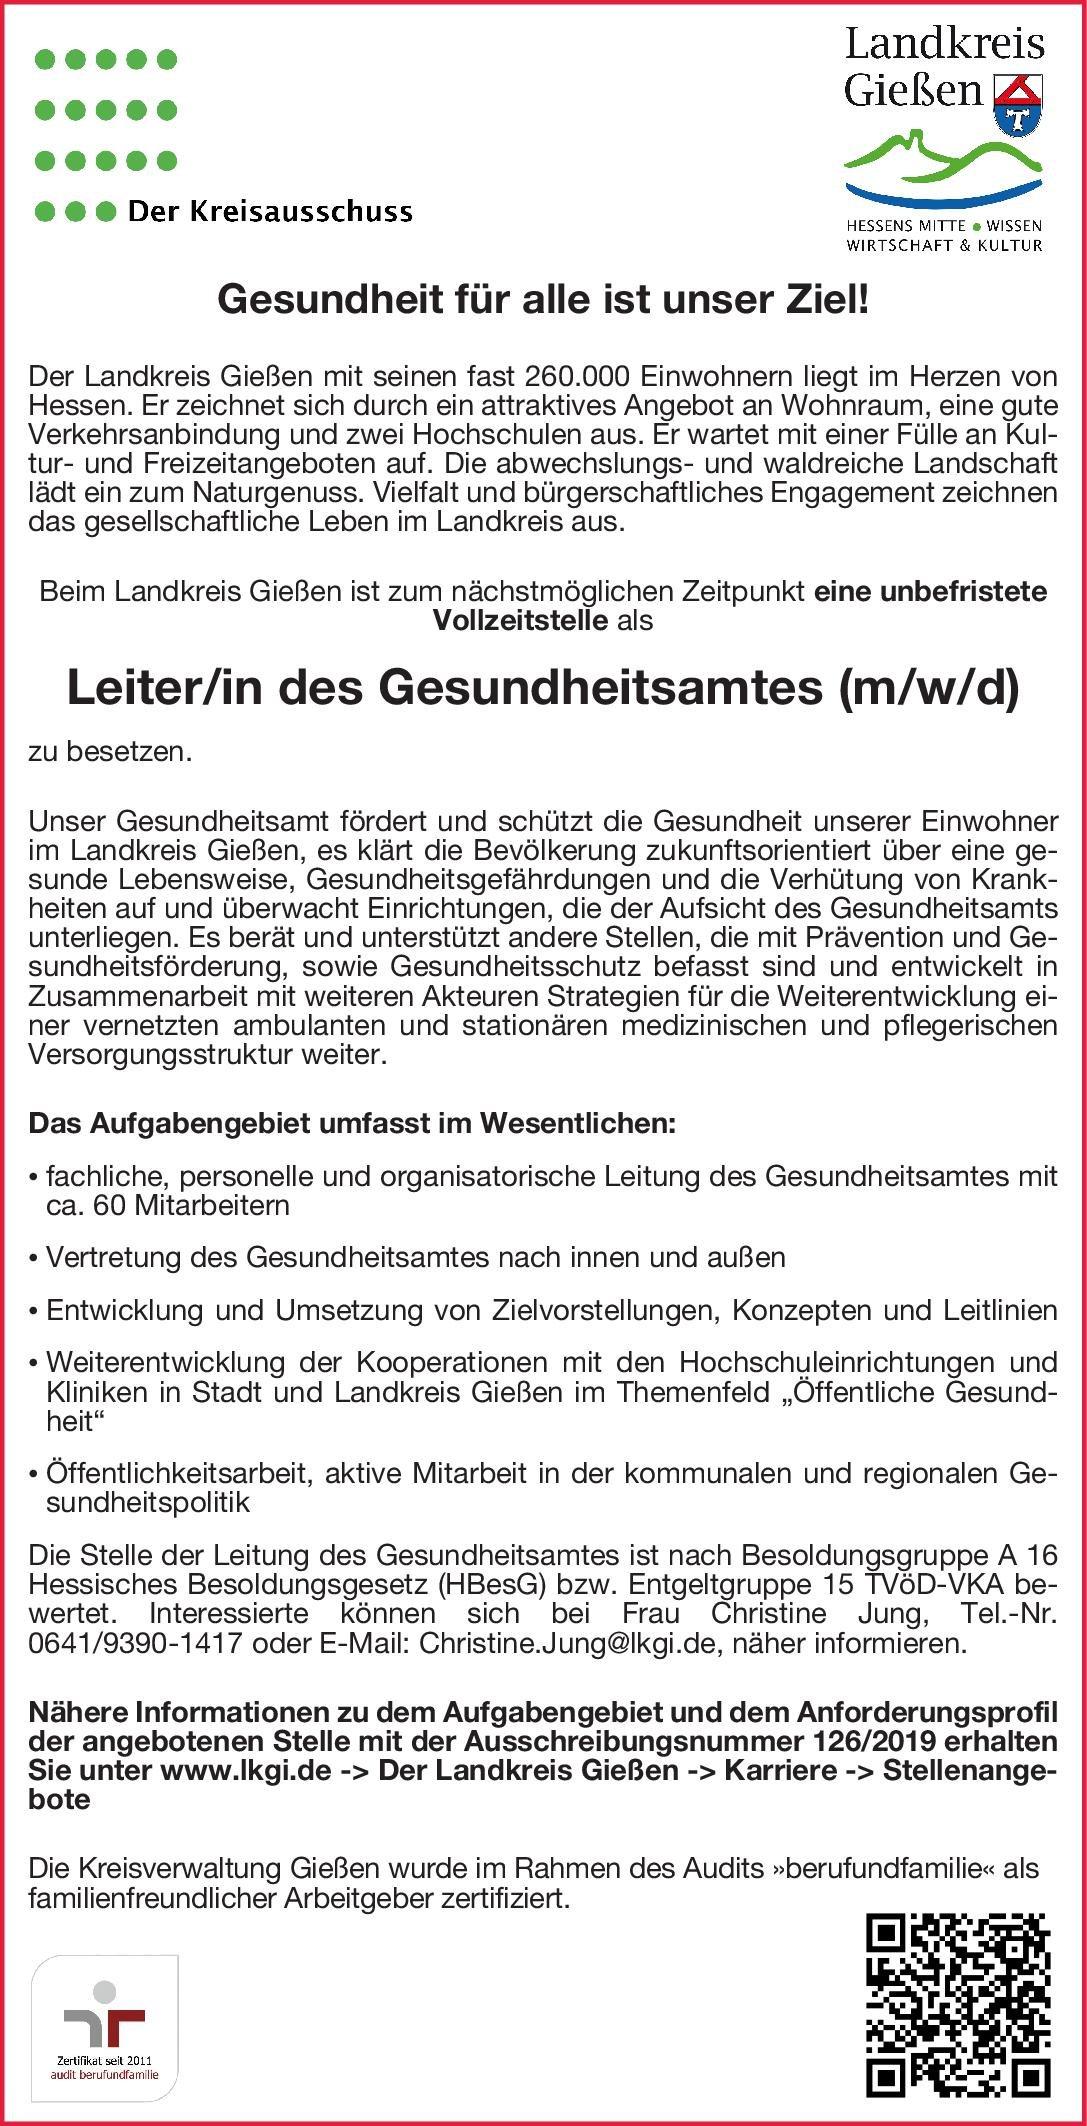 Landkreis Gießen Leiter/in des Gesundheitsamtes (m/w/d) Öffentliches Gesundheitswesen Arzt / Facharzt